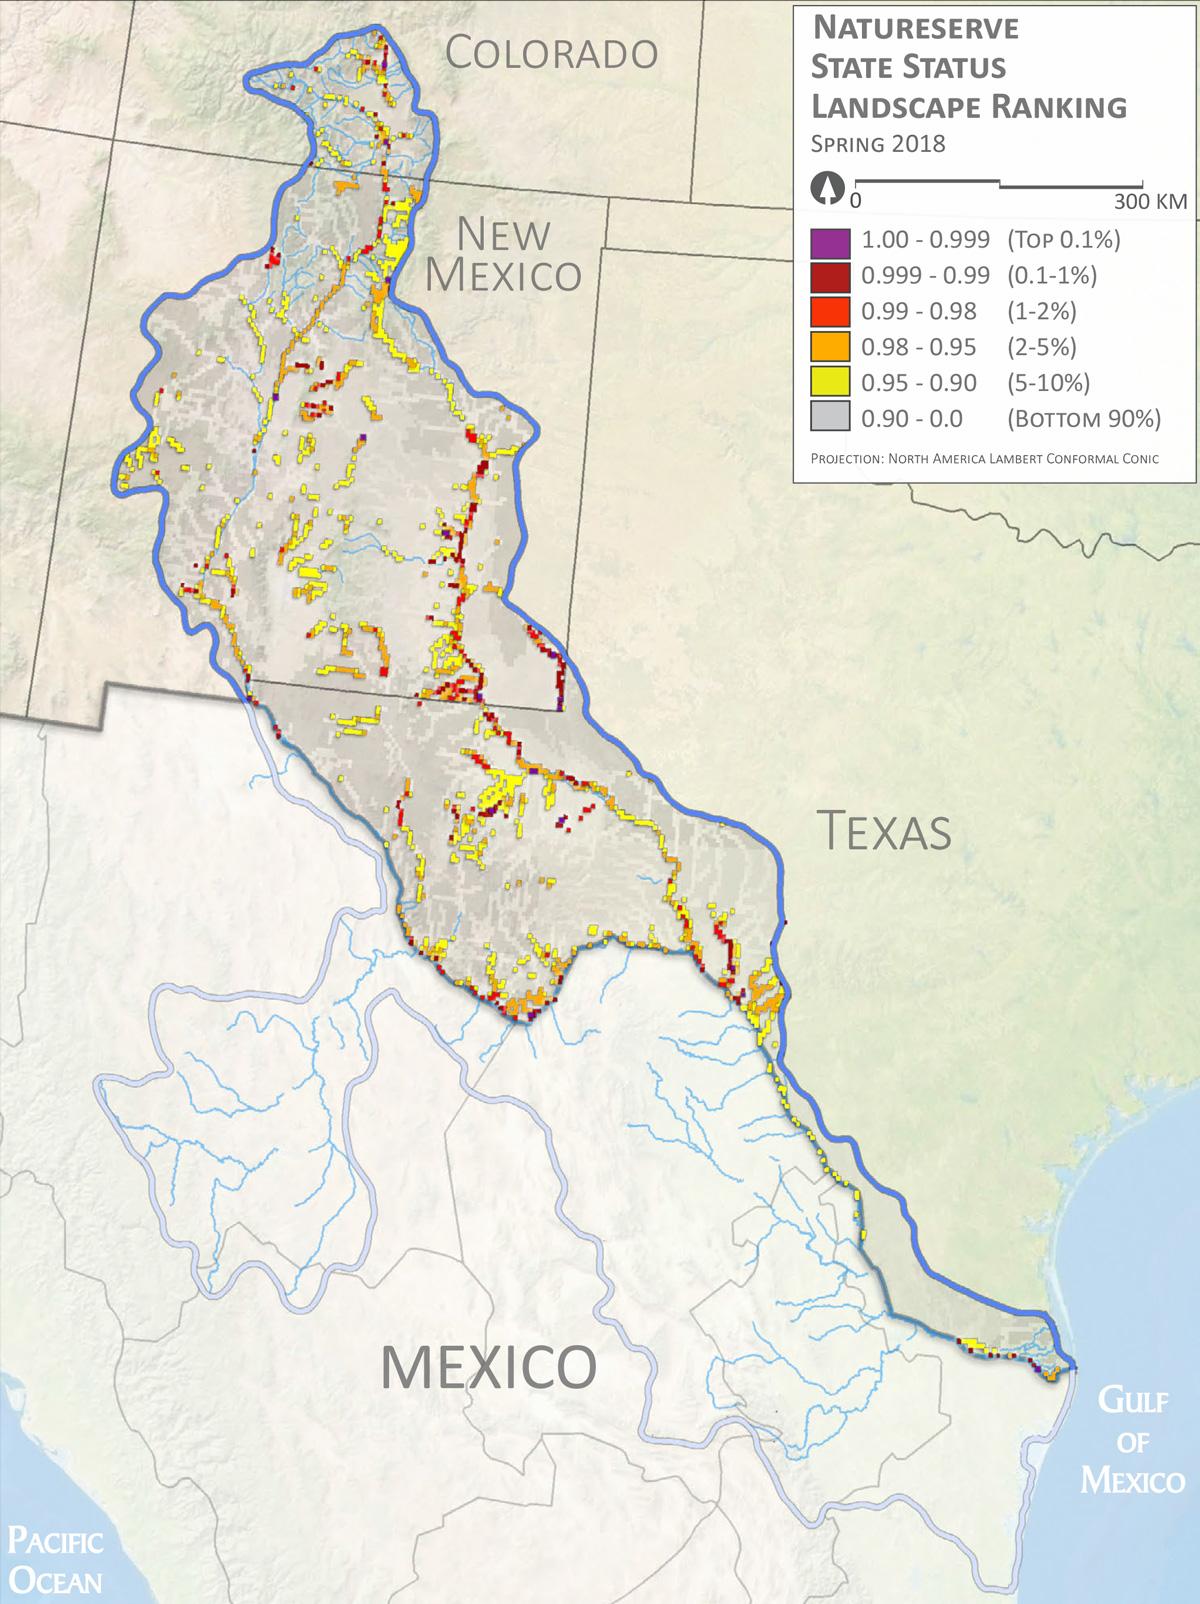 Rio Grande | Native Fish Conservation